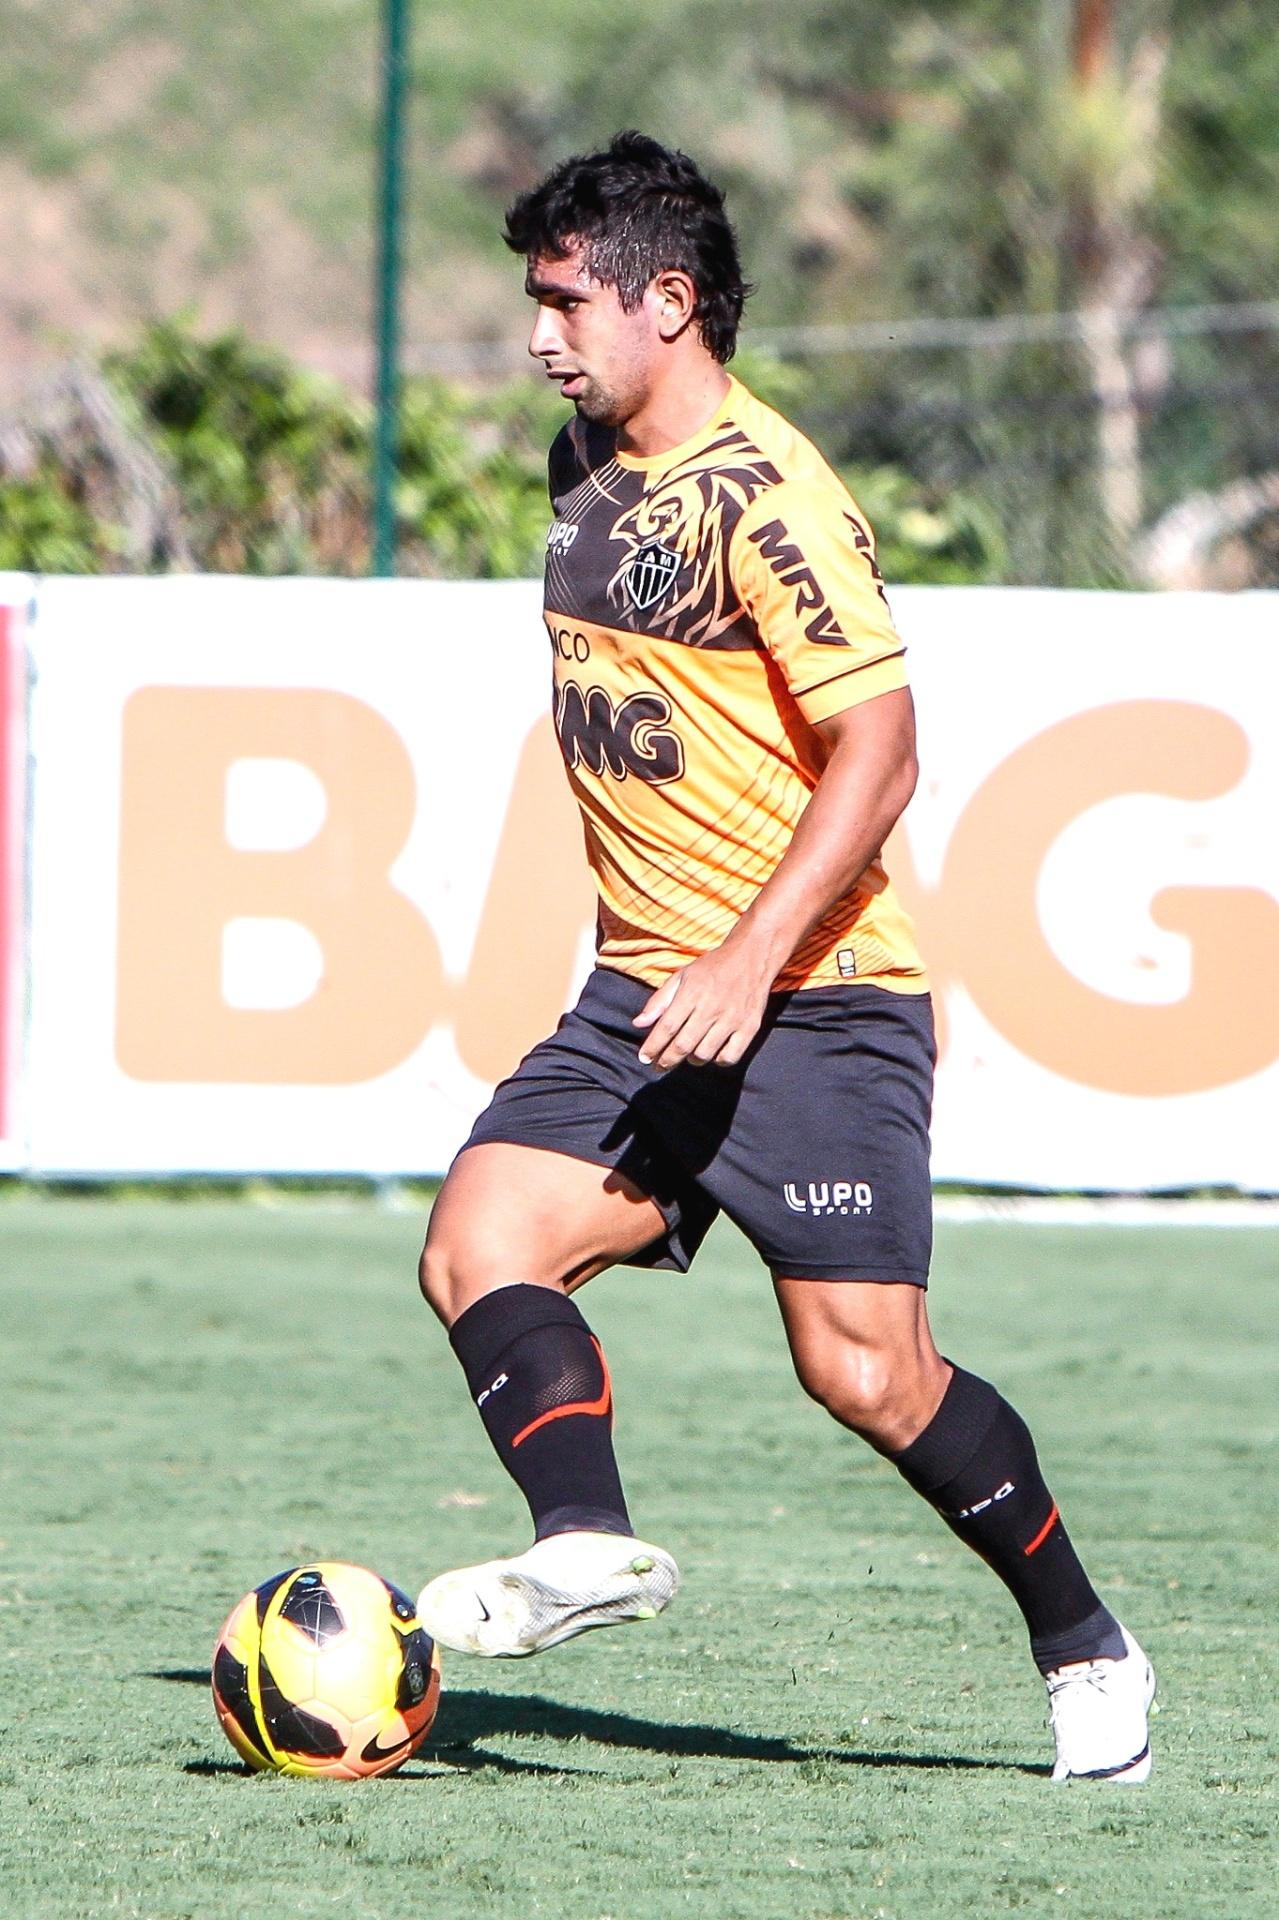 Atacante Guilherme, do Atlético-MG, durante treino na Cidade do Galo (23/10/2013)